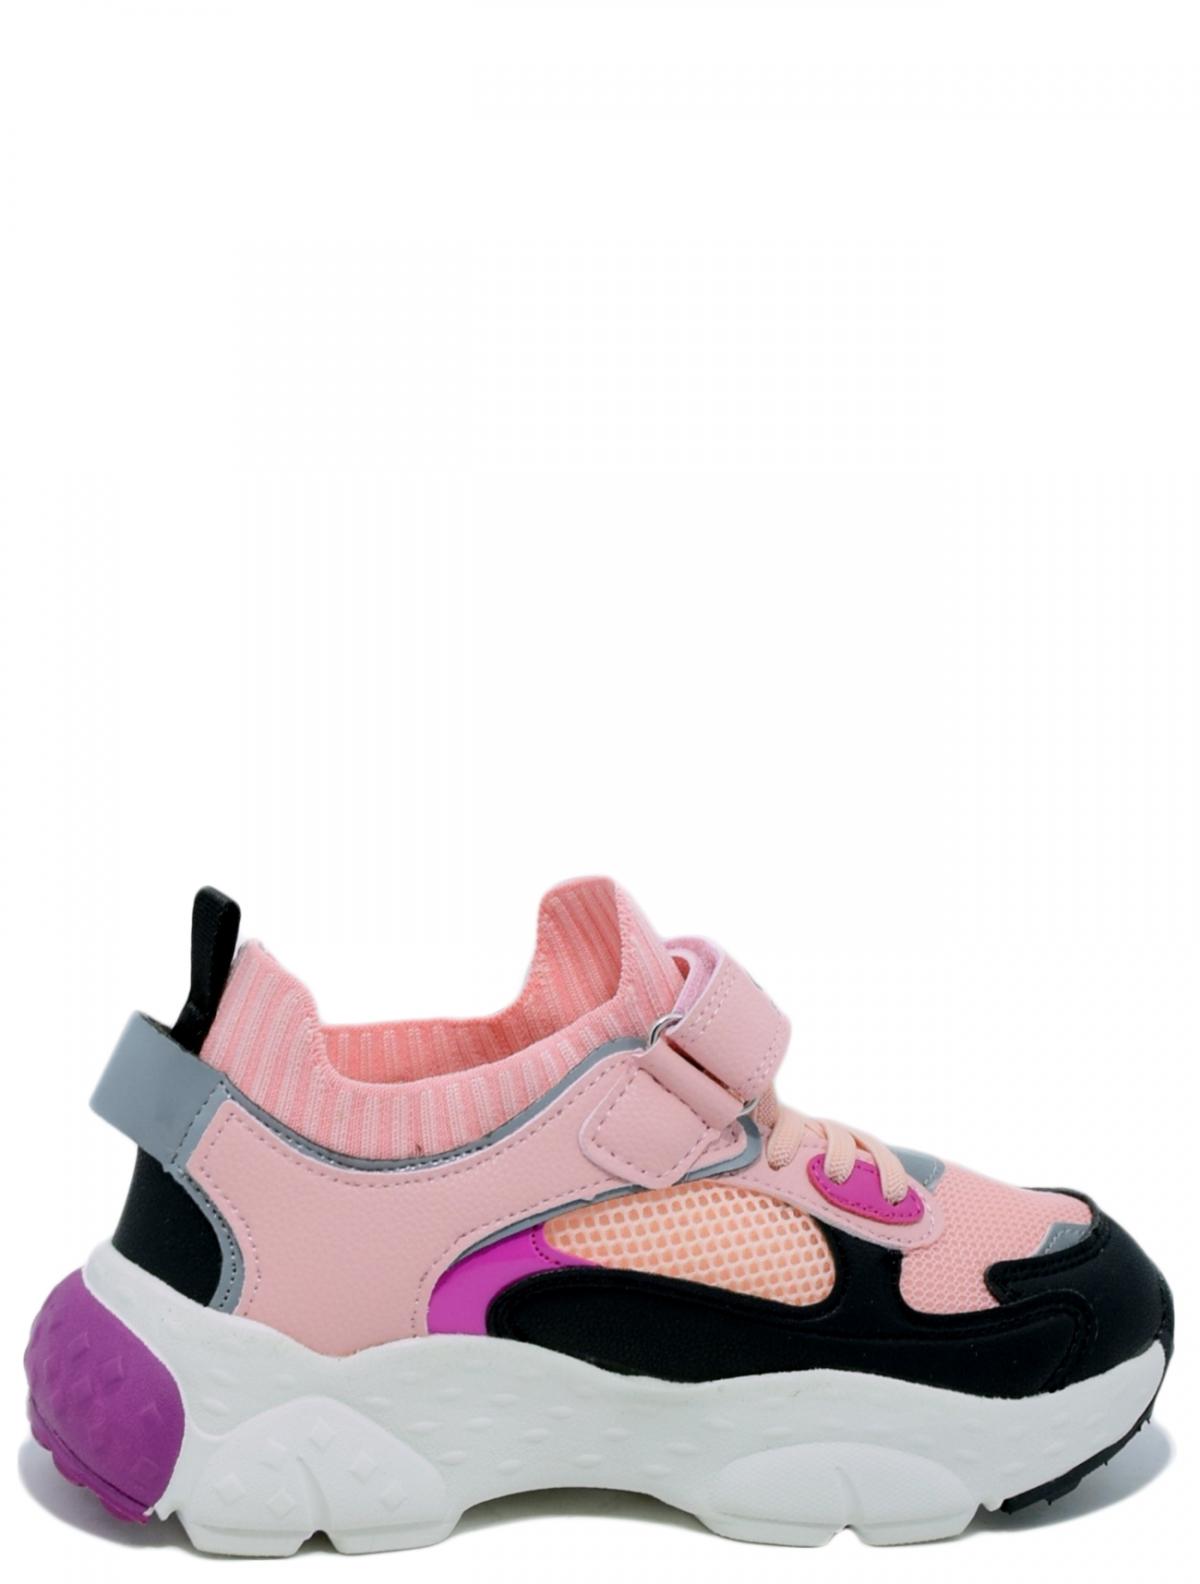 CROSBY 217201/04-04 детские кроссовки